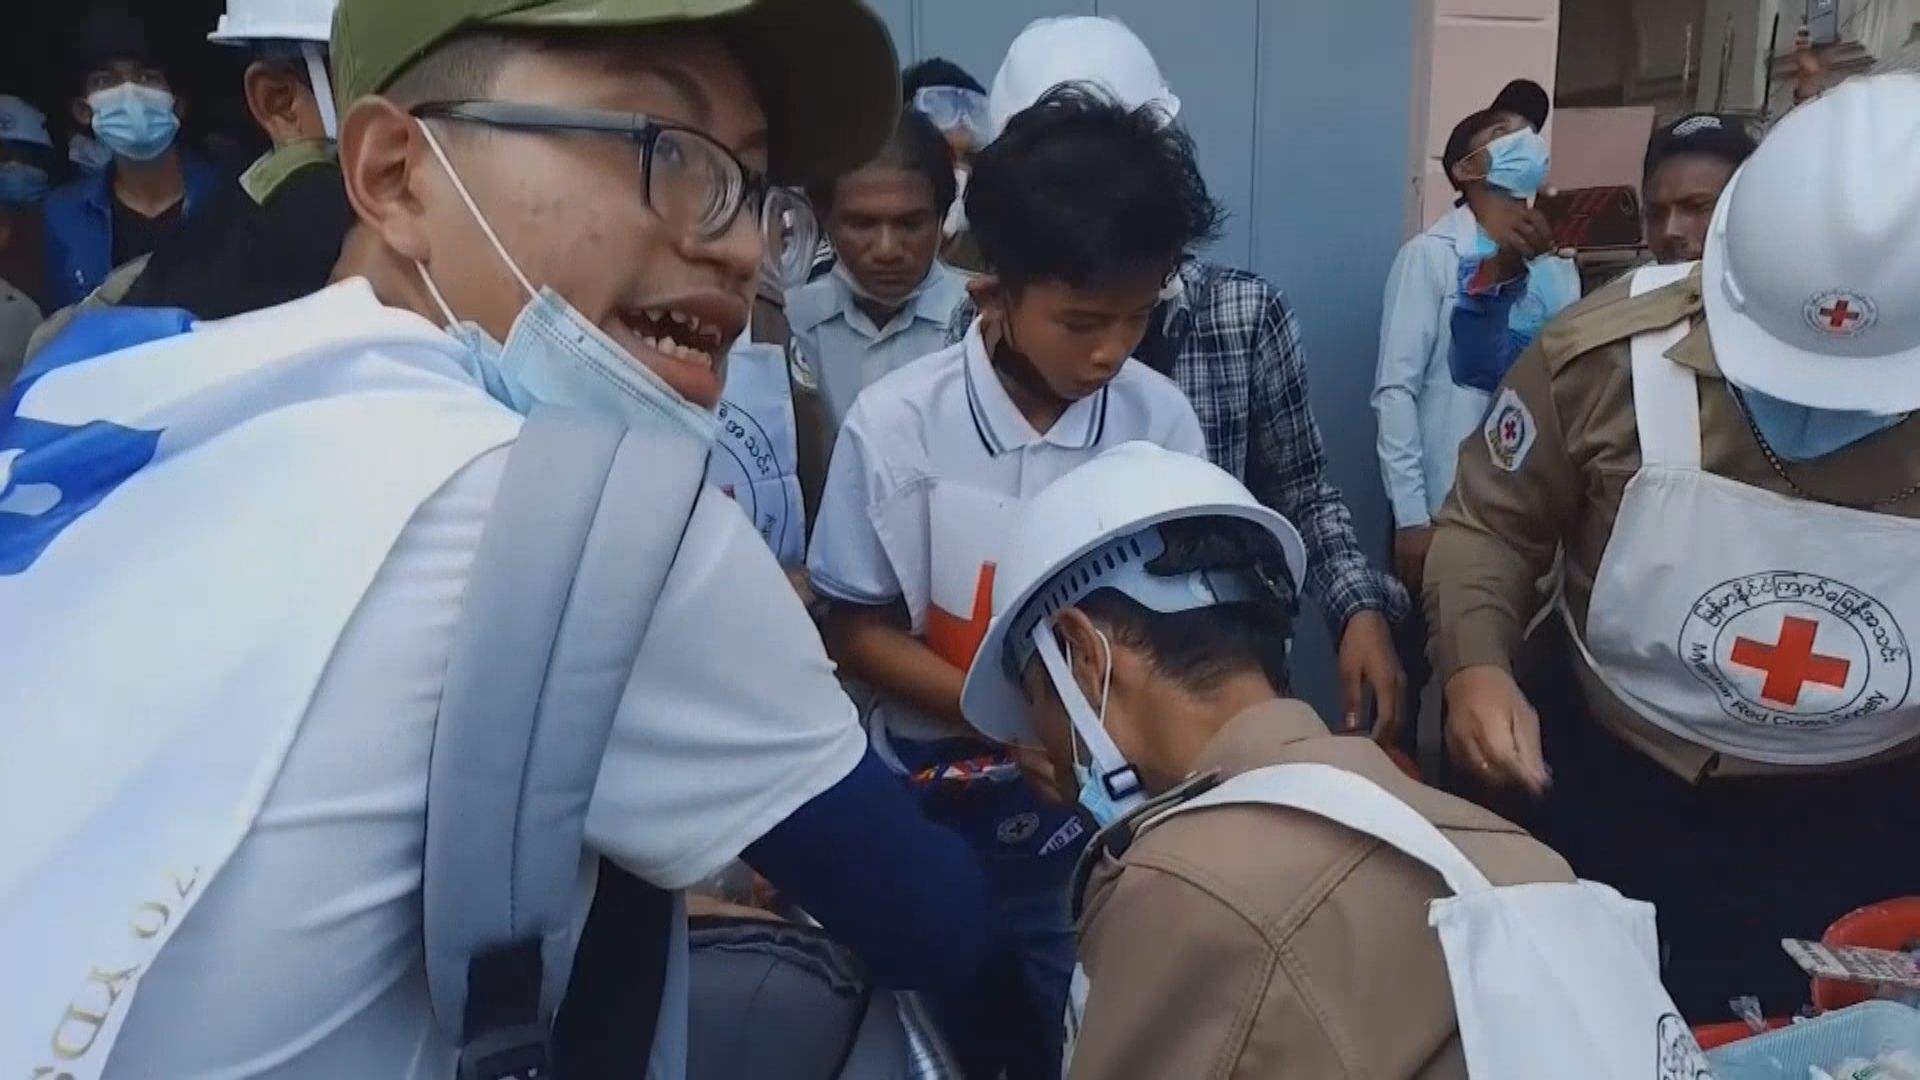 緬甸警方開槍鎮壓示威多人死亡